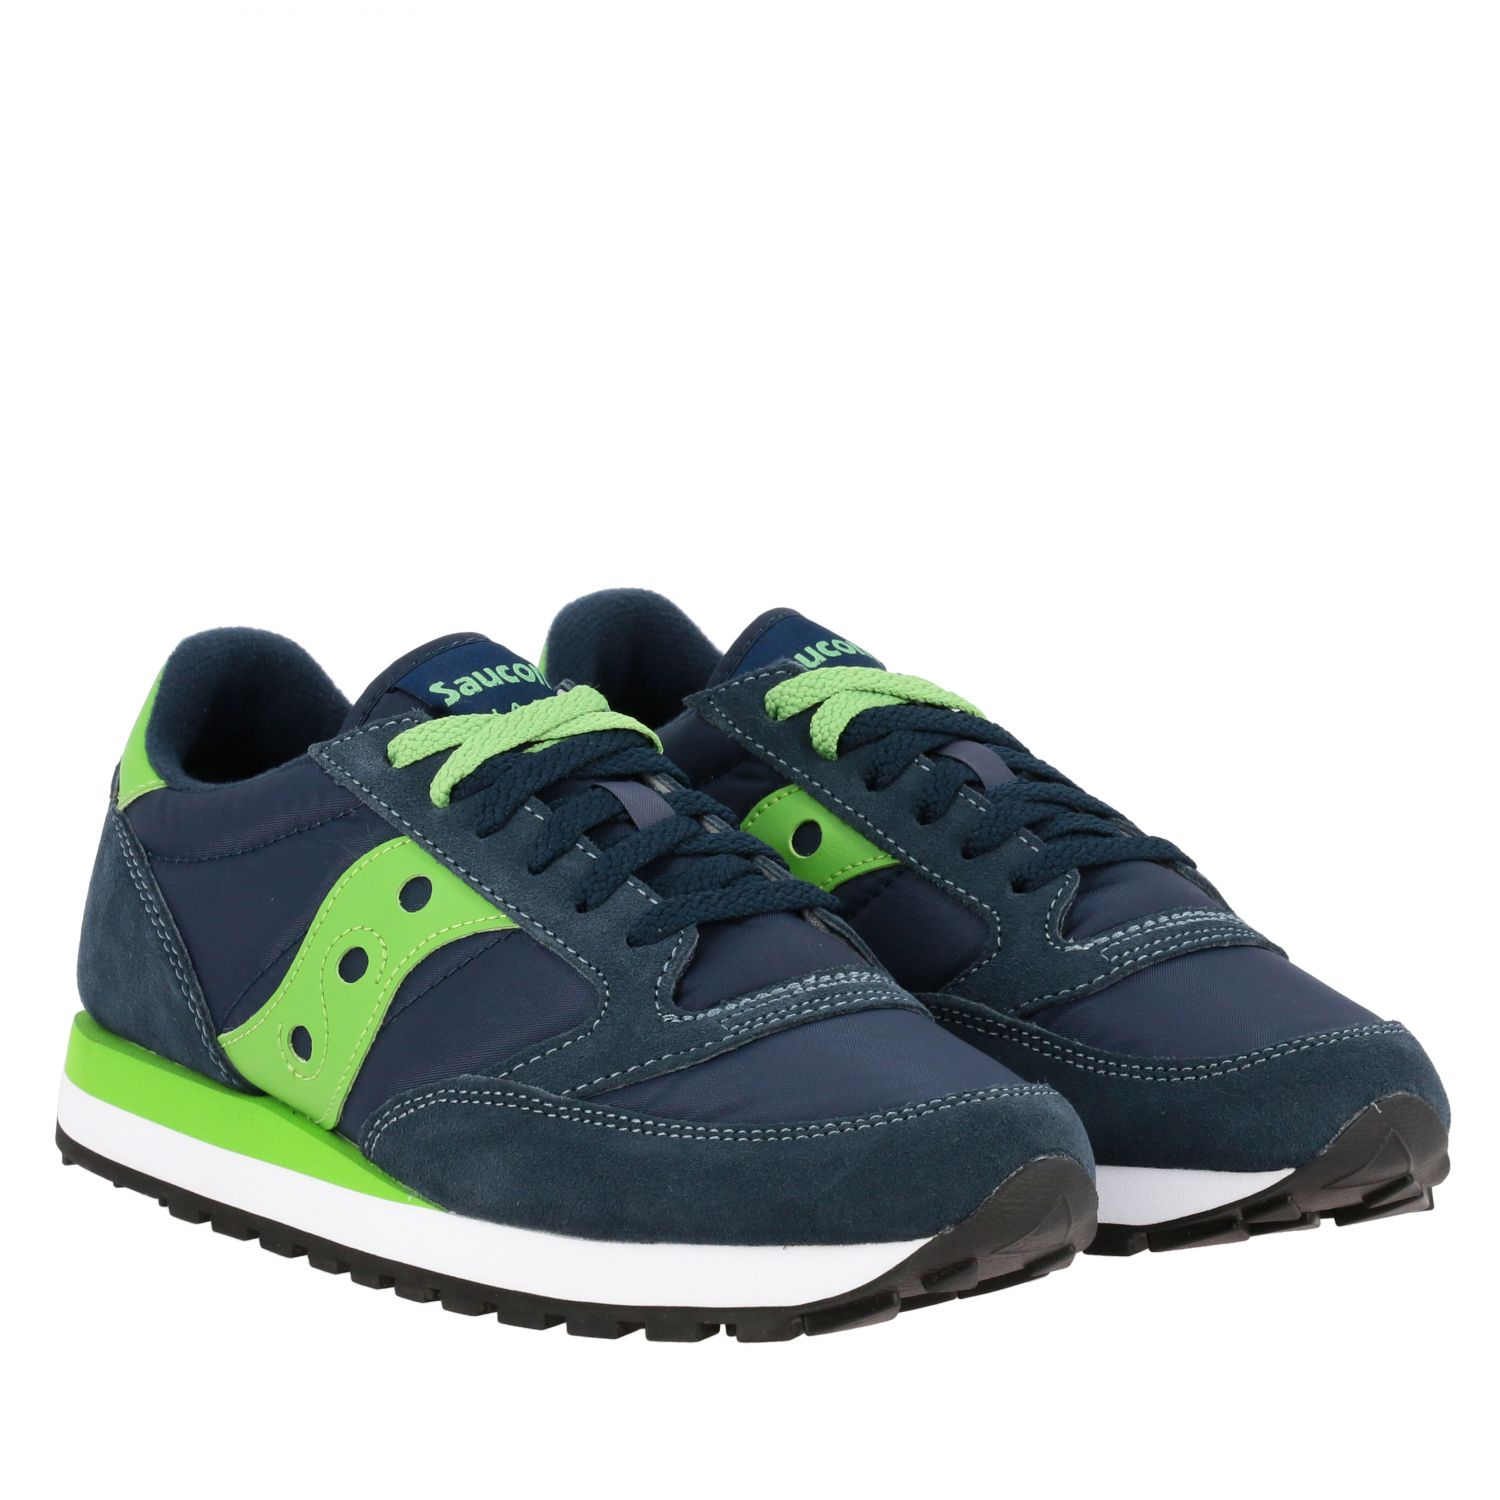 Sneakers Saucony in nylon pelle e camoscio con suola in gomma a righe blue navy 2